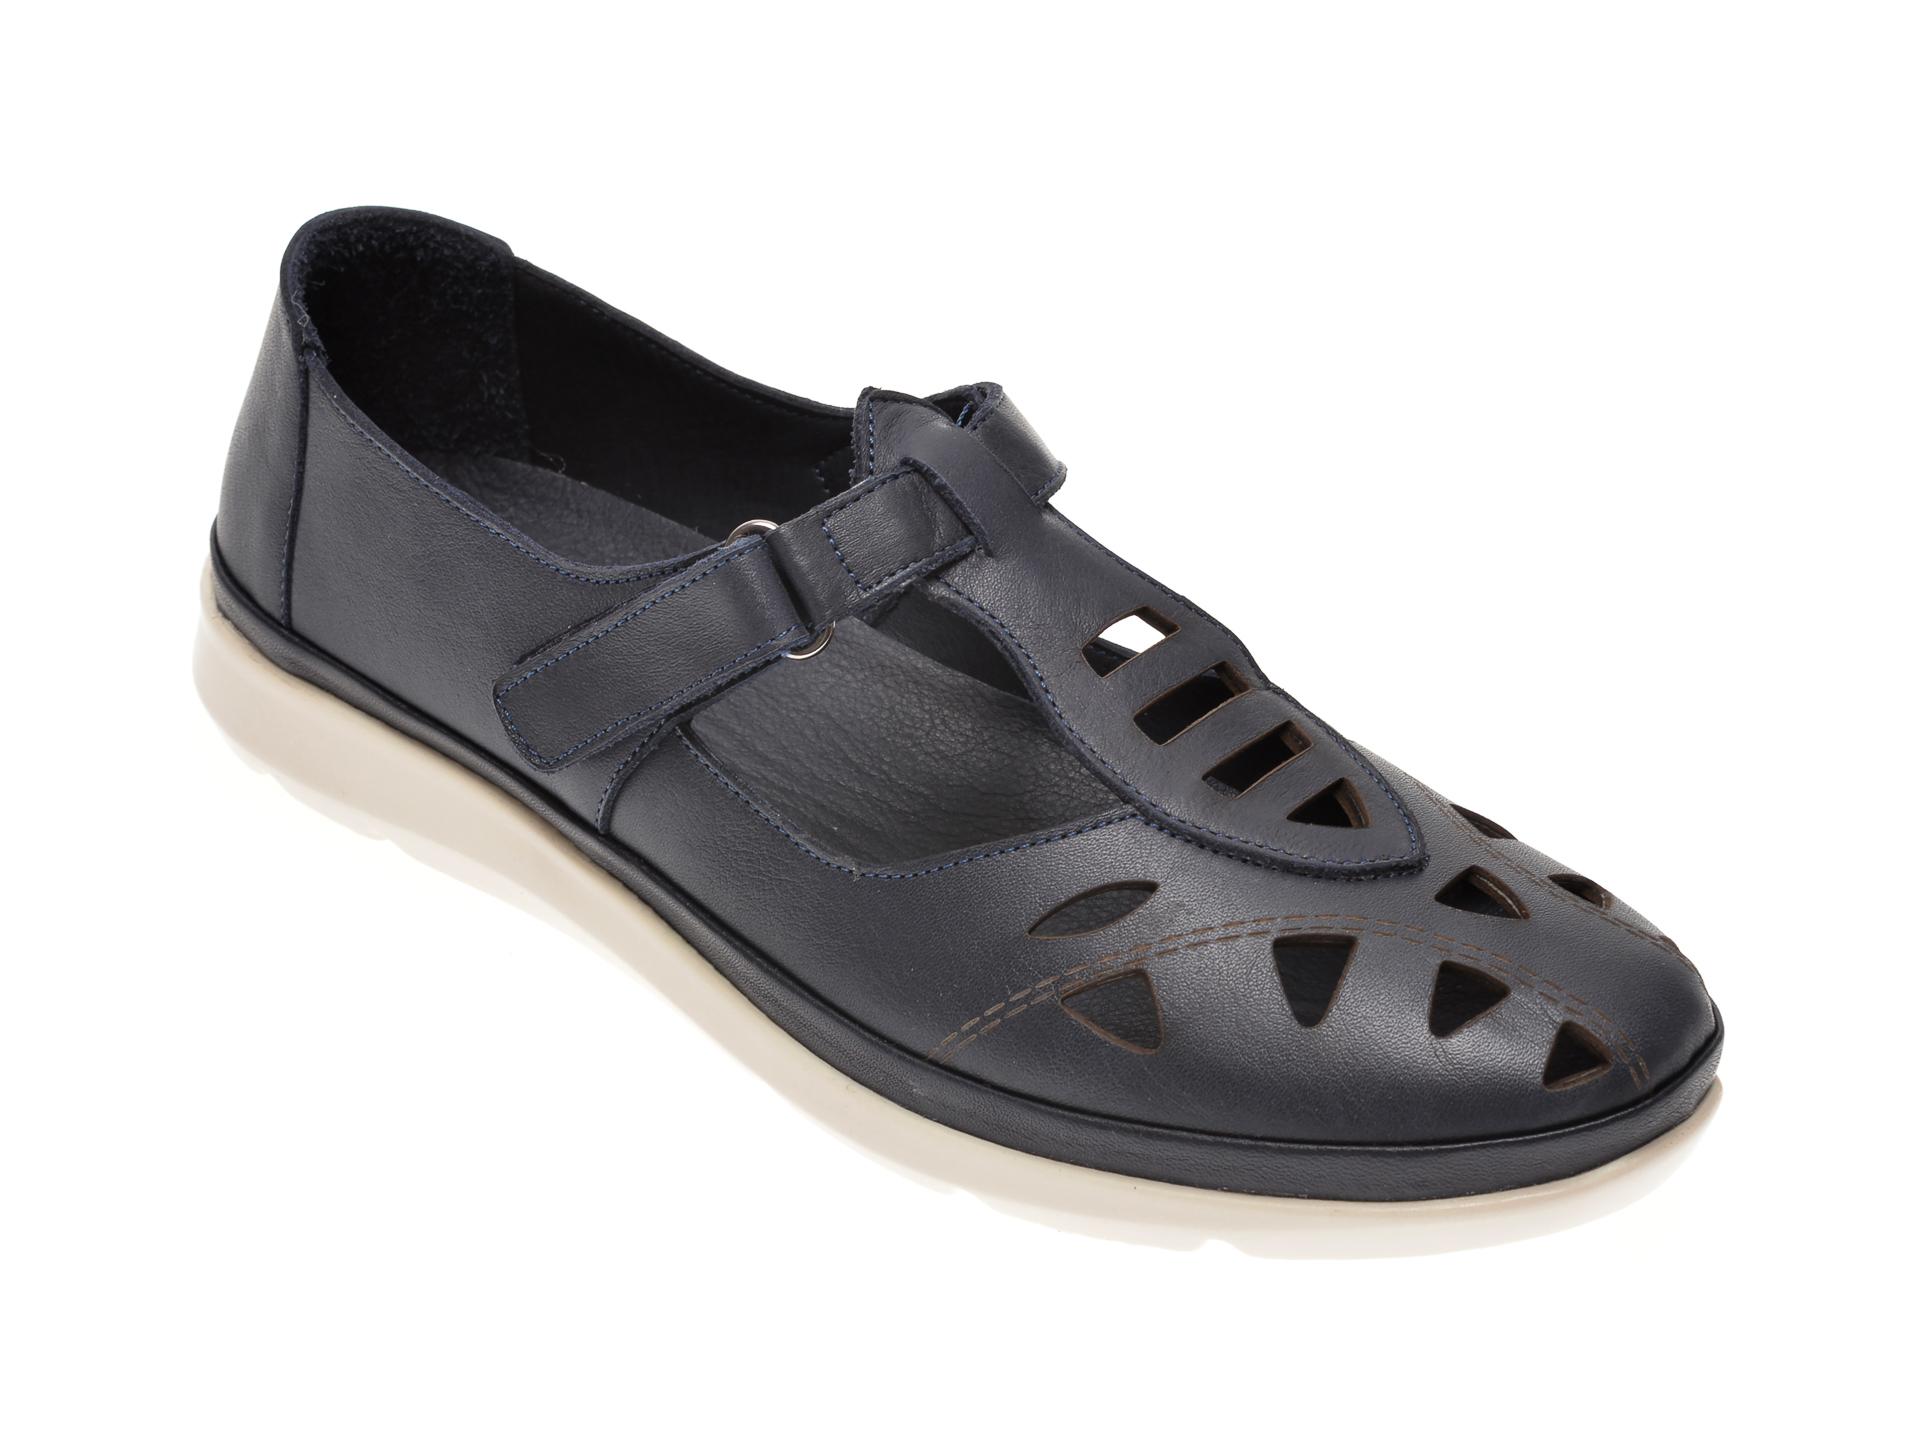 Pantofi MARCHA bleumarin, 609, din piele naturala New